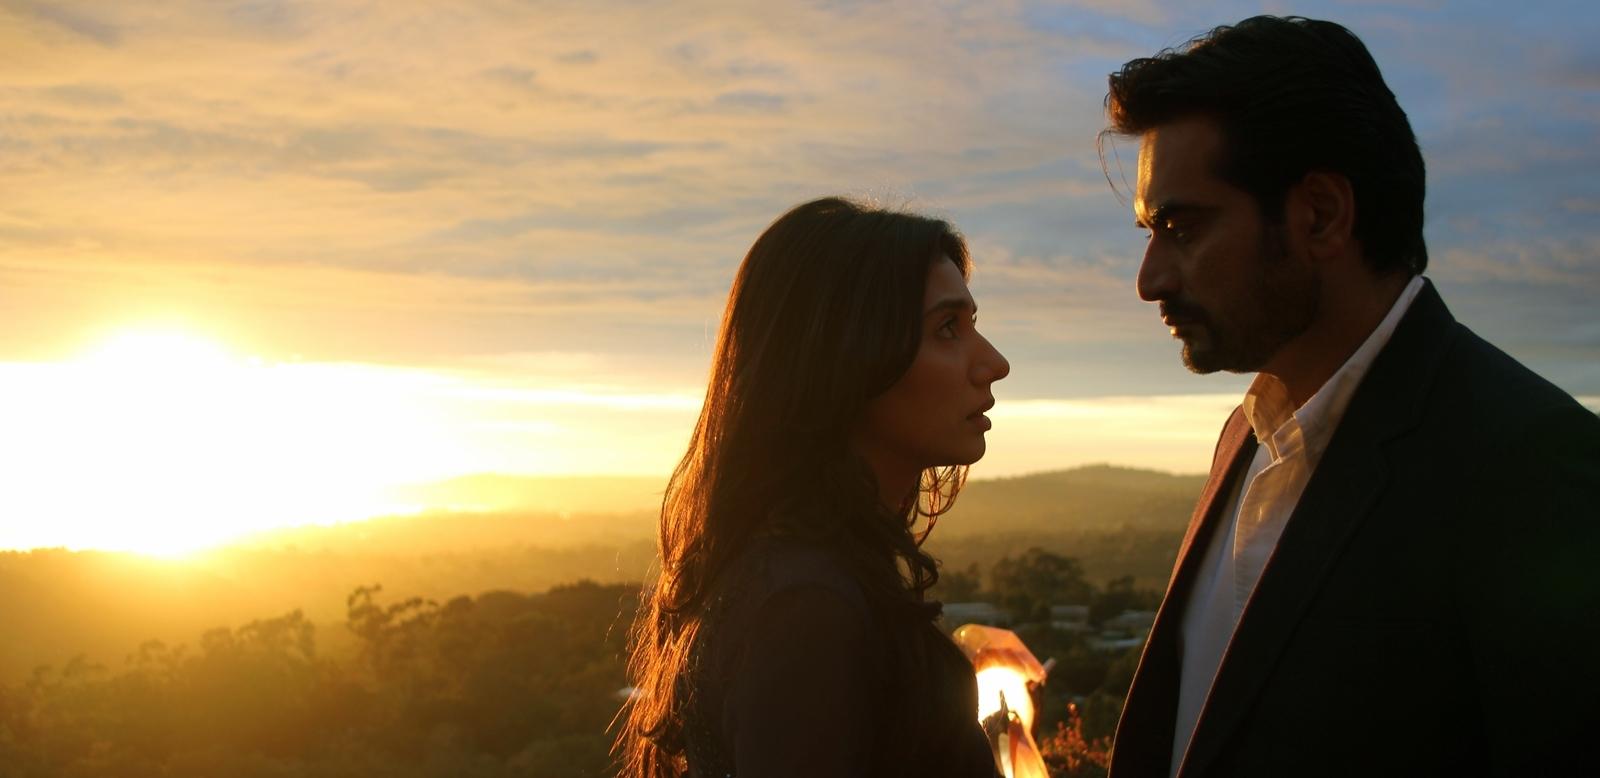 Mahira Khan and Humanyun Saeed